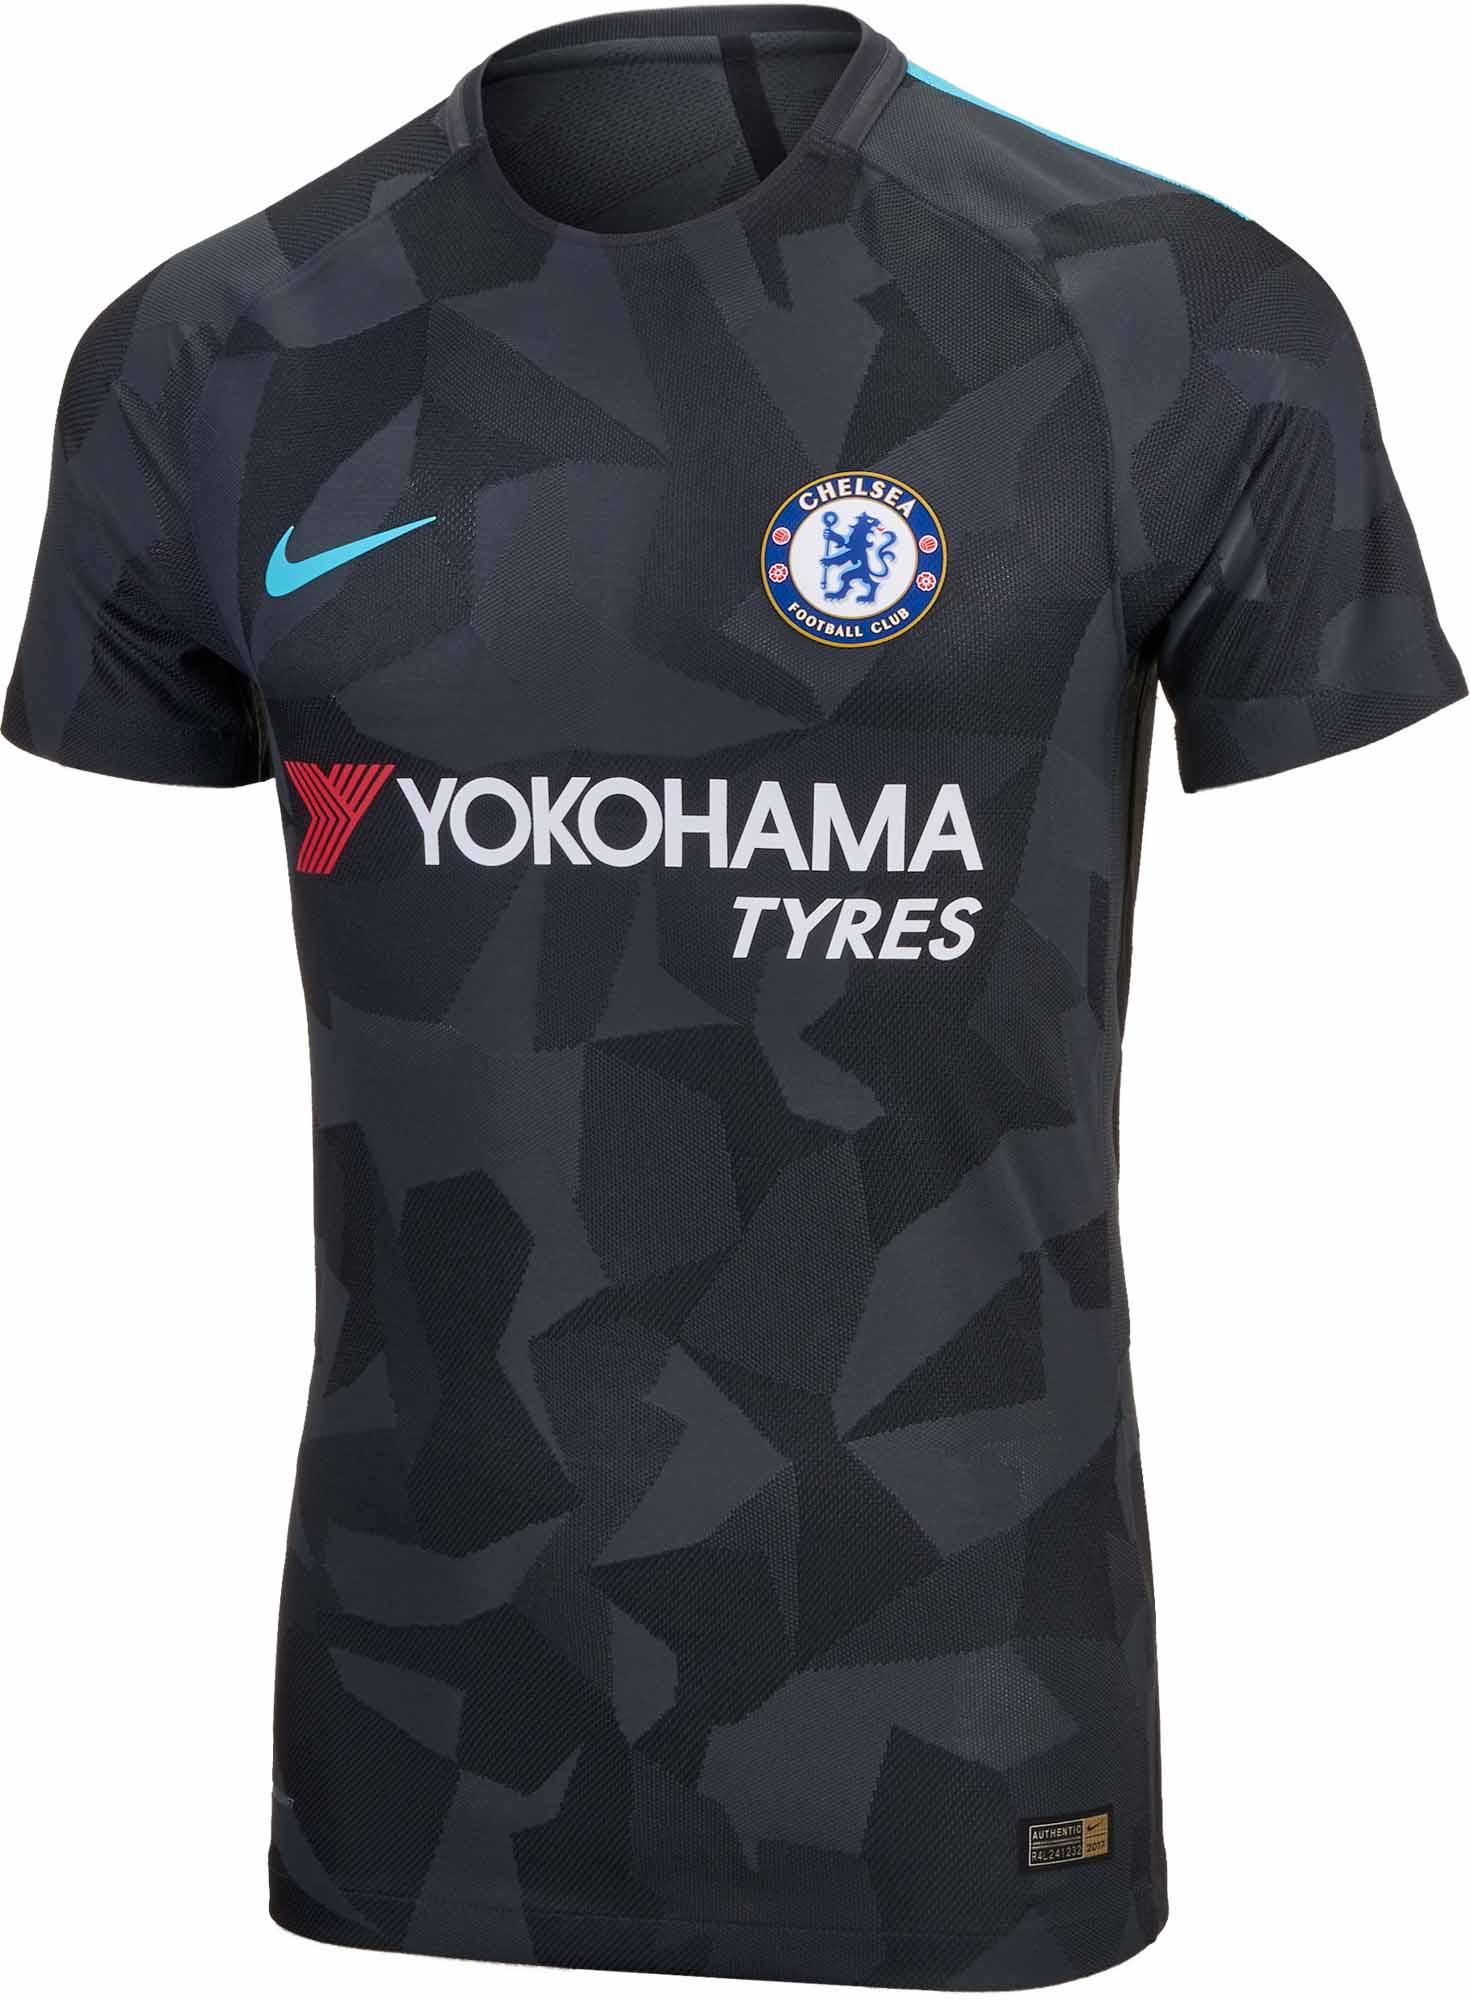 hot sale online c4c63 e3479 2017/18 Nike Chelsea Match 3rd Jersey - Chelsea Jerseys